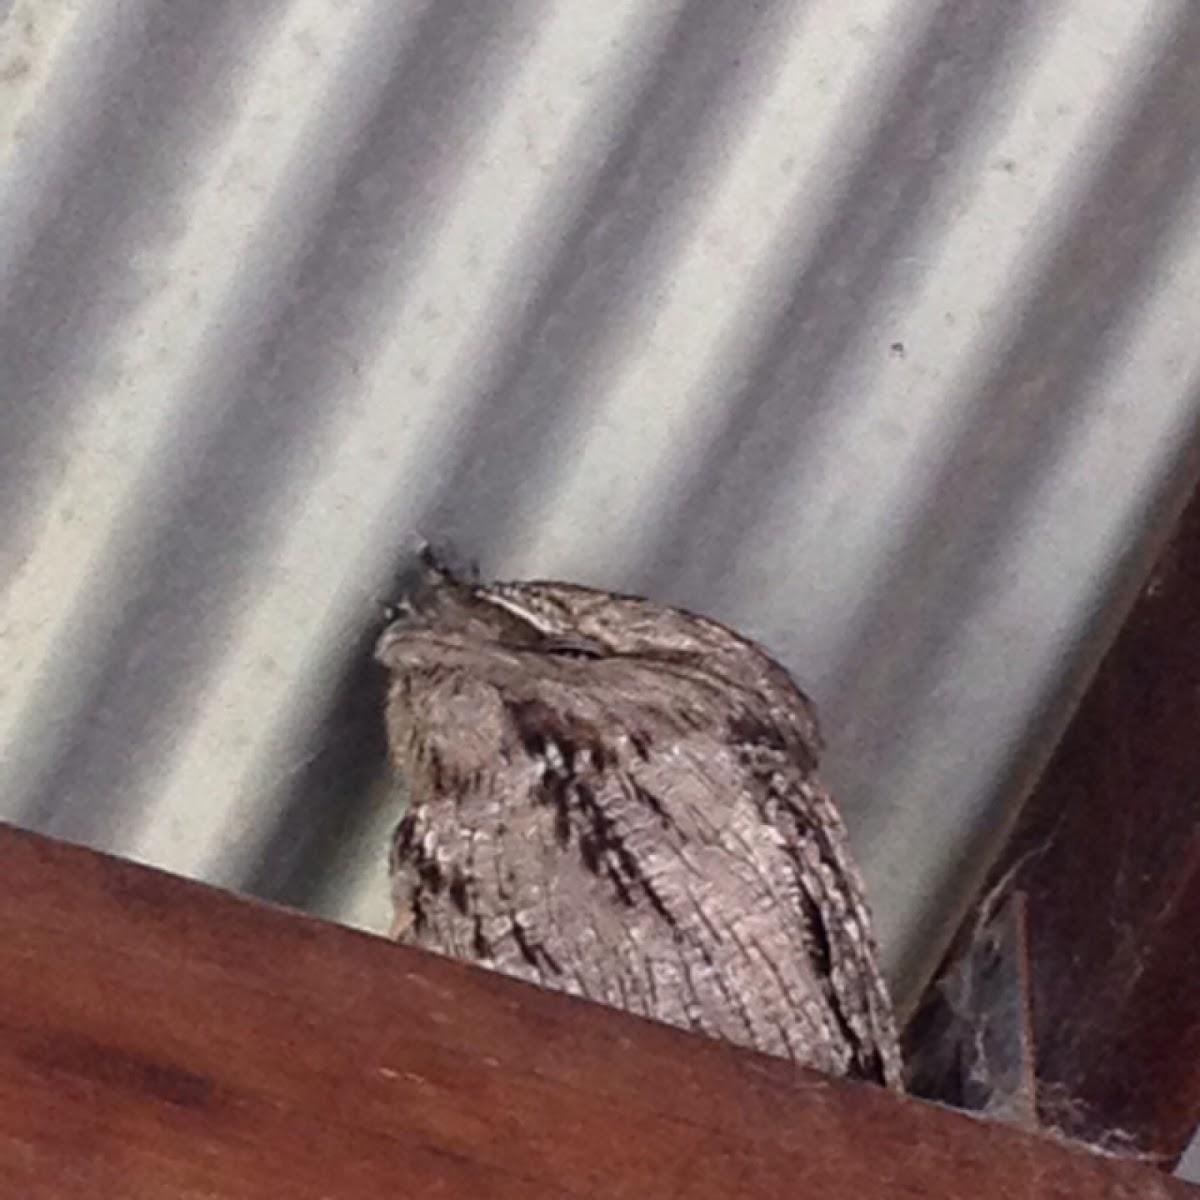 Tawny Frogmouth owl/nightjar